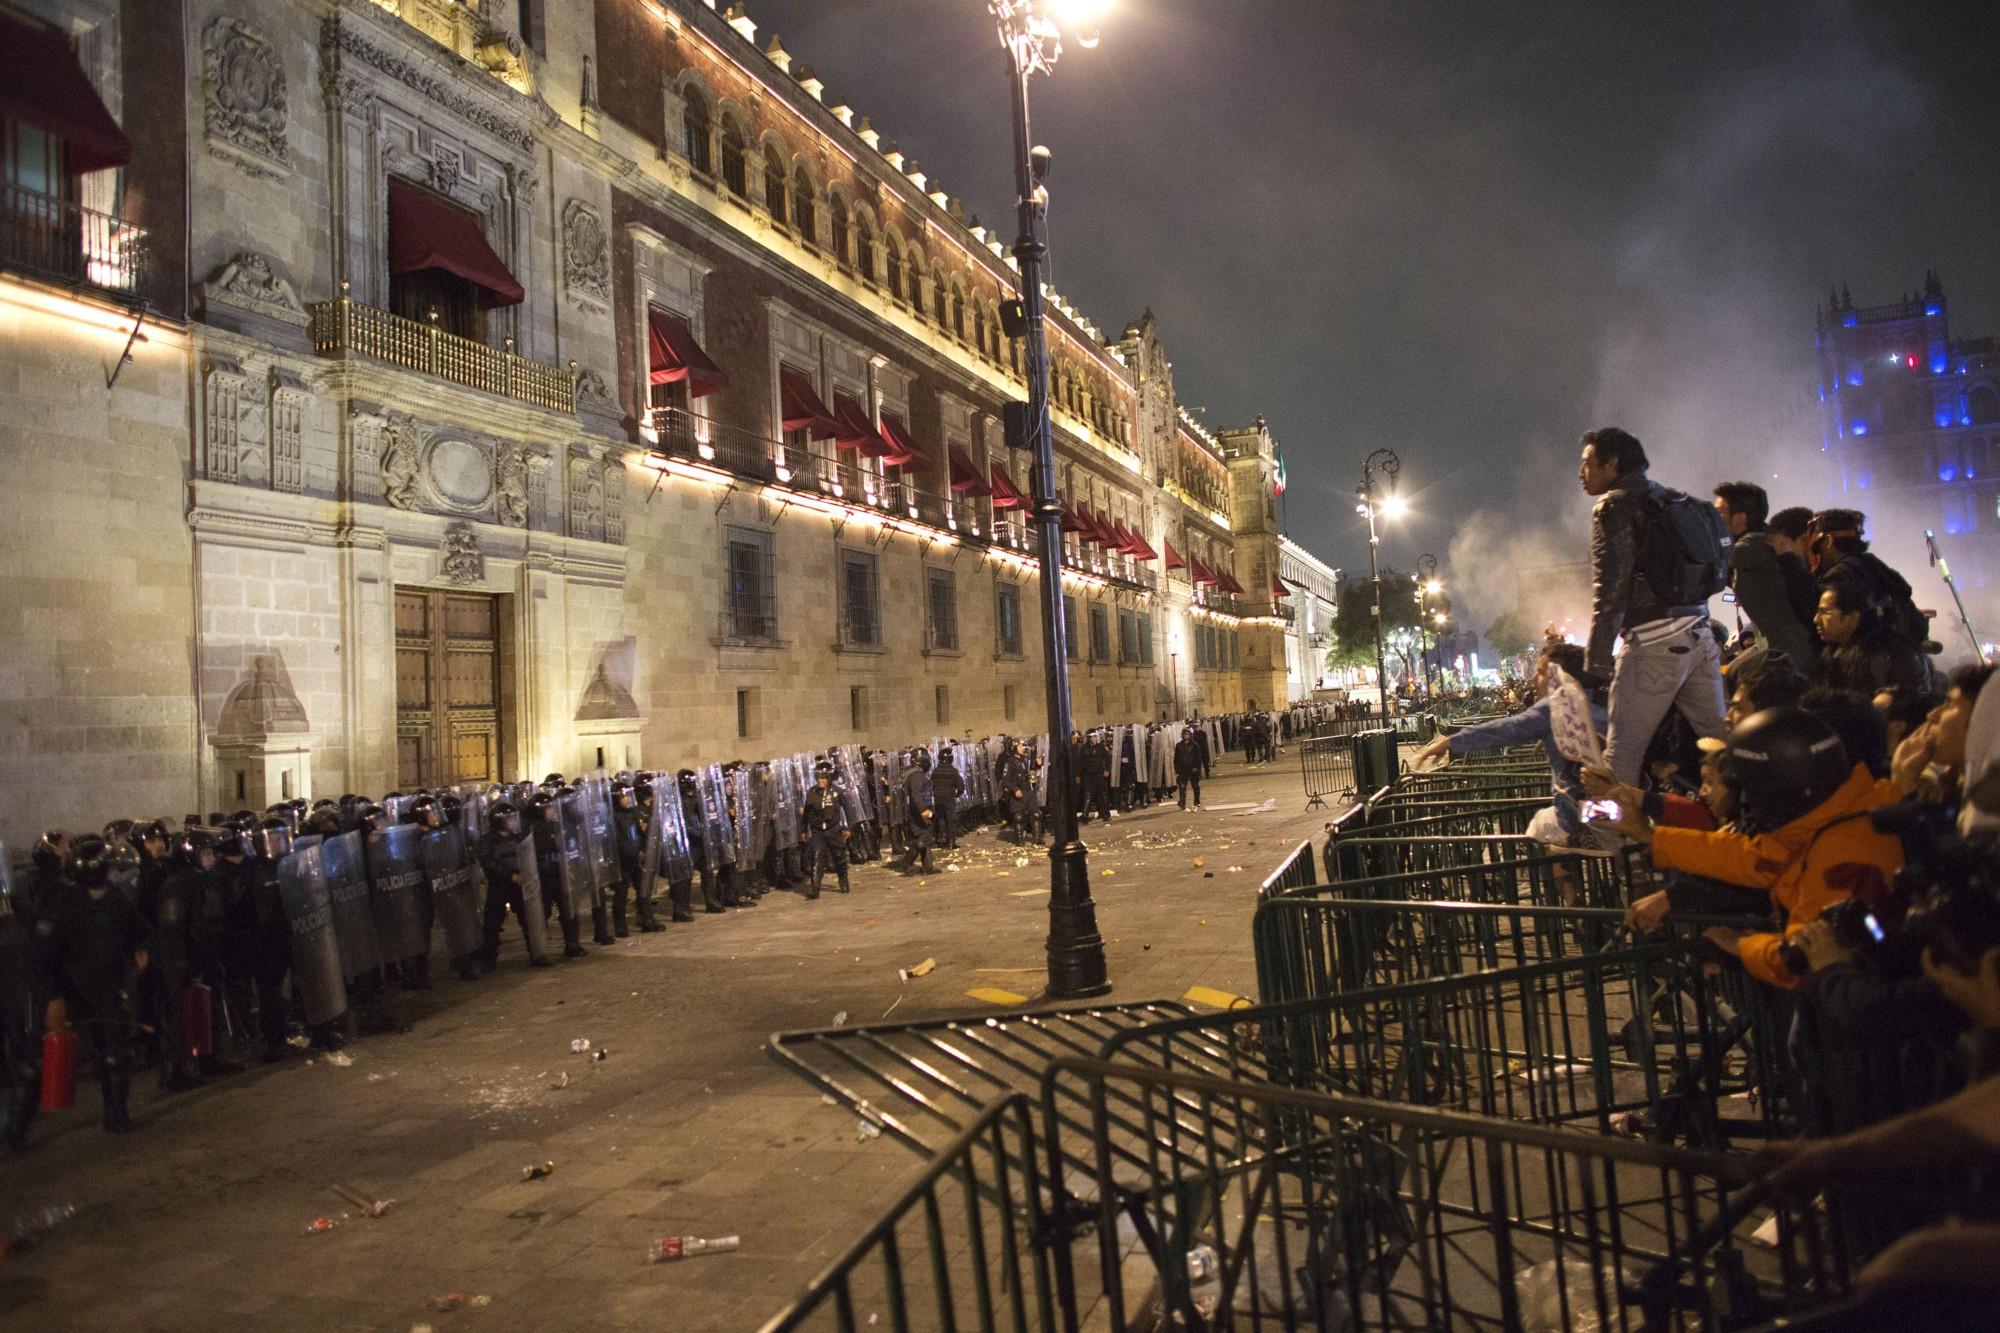 Las manifestaciones por Ayotzinapa presionaron para conseguir respuestas del gobierno sobre qué pasó la noche de Iguala donde desaparecieron 43 estudiantes en Guerrero.